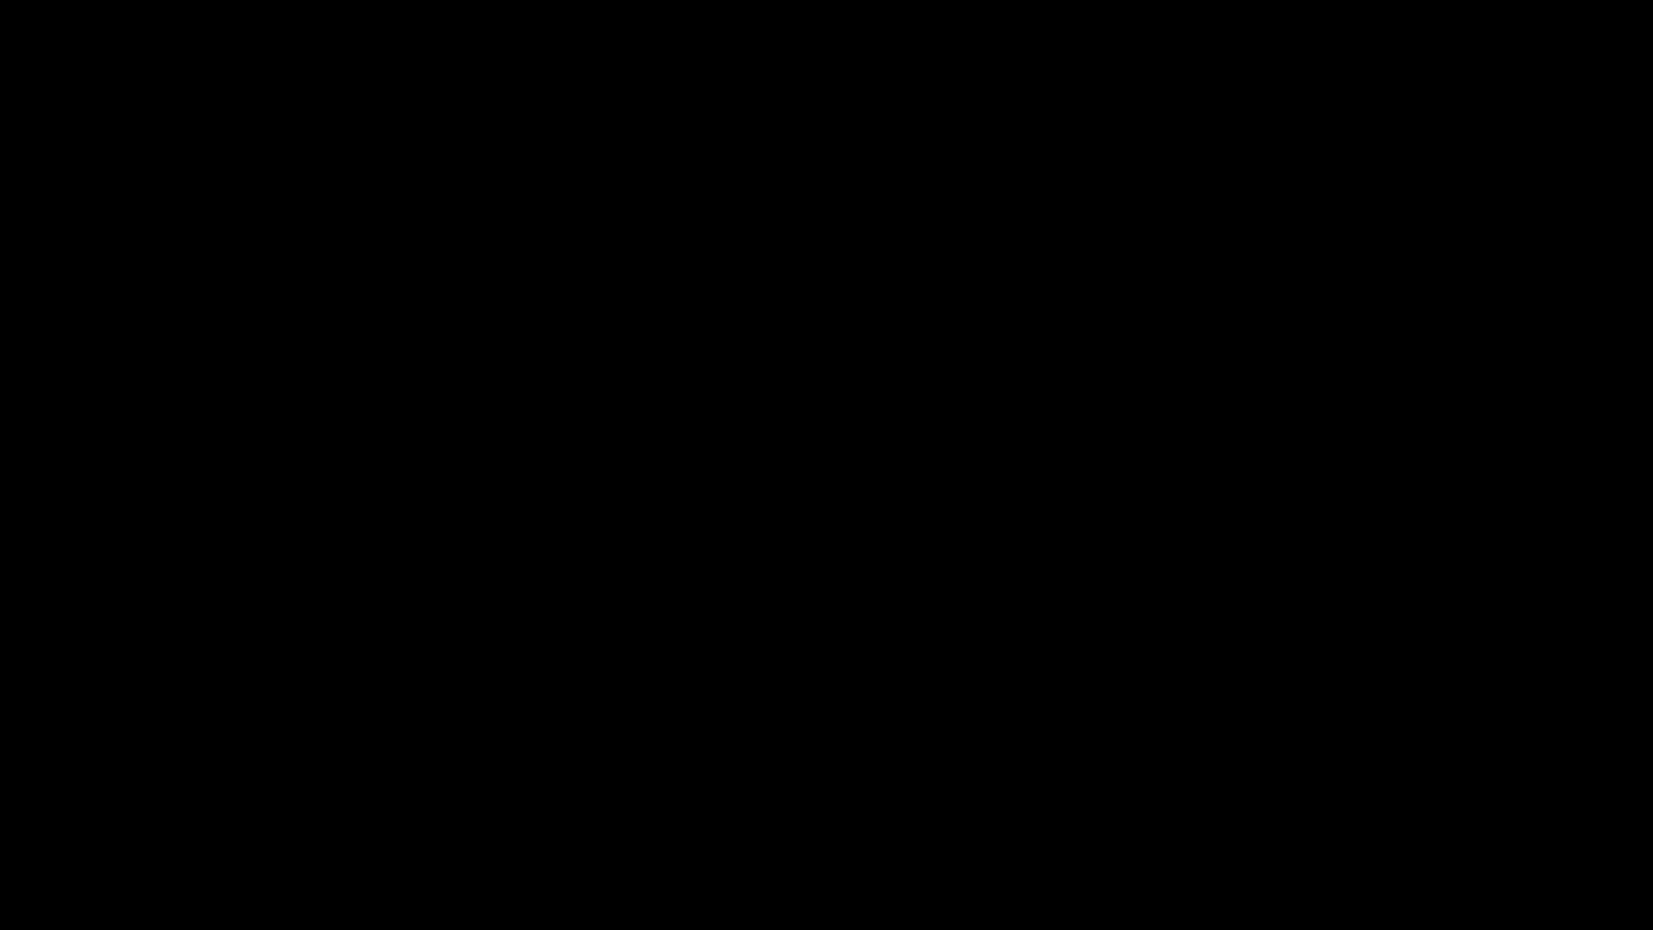 dot-overlay.png